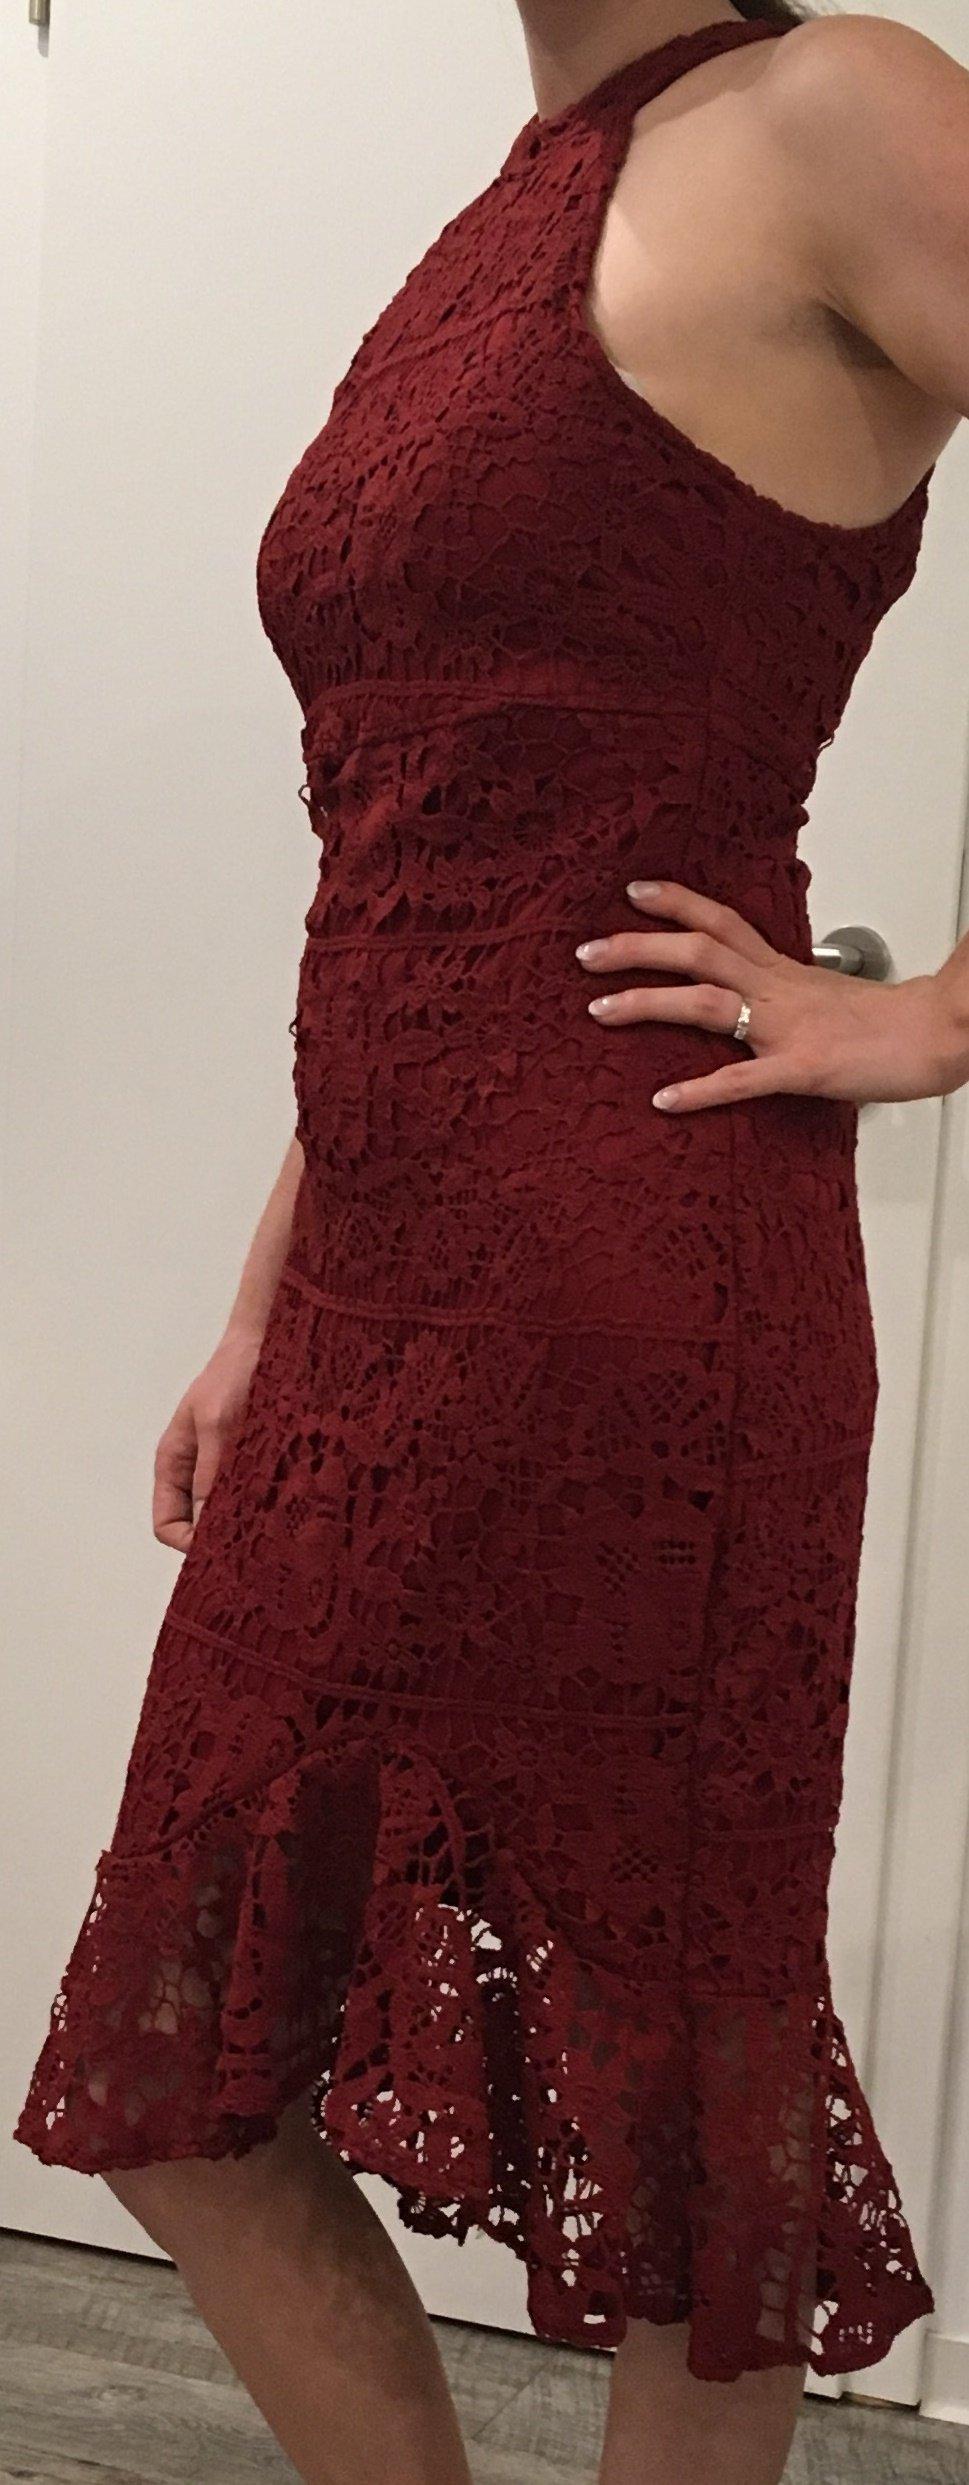 Z One - Rotes Kleid im Mermaid Stil mit Spitze, Rüsche, Cocktail ...